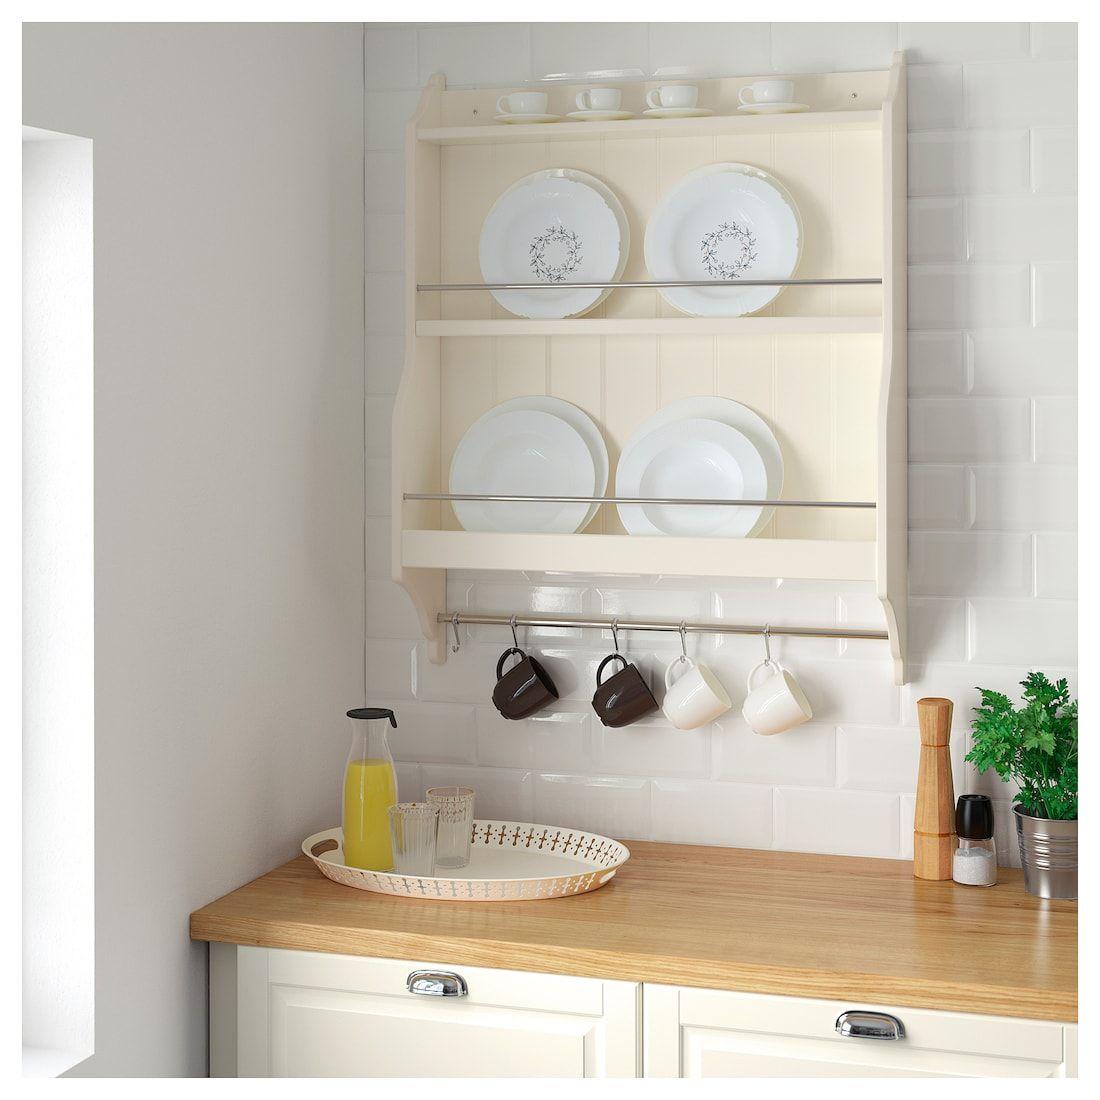 Kupit Tornviken Polka Dlya Tarelok Belyj S Ottenkom Po Vygodnoj Cene V Internet Magazine Ikea Plate Shelves Shelves Kitchen Shelves